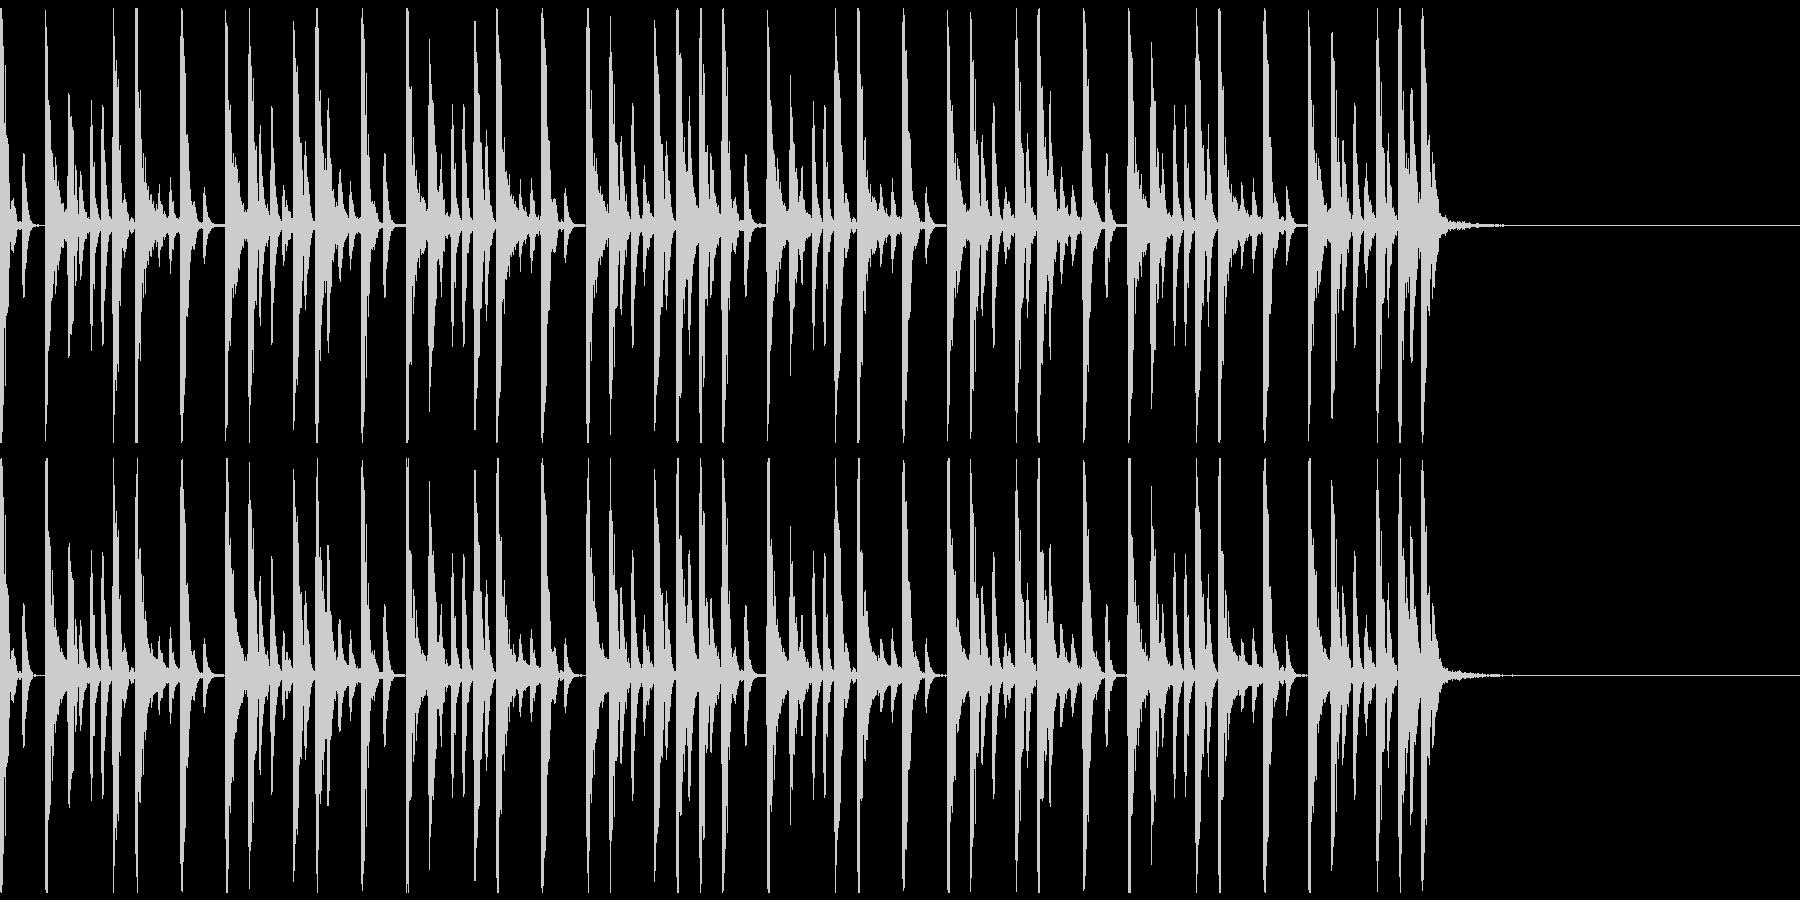 ドラムンベースのリズムパターン01の未再生の波形